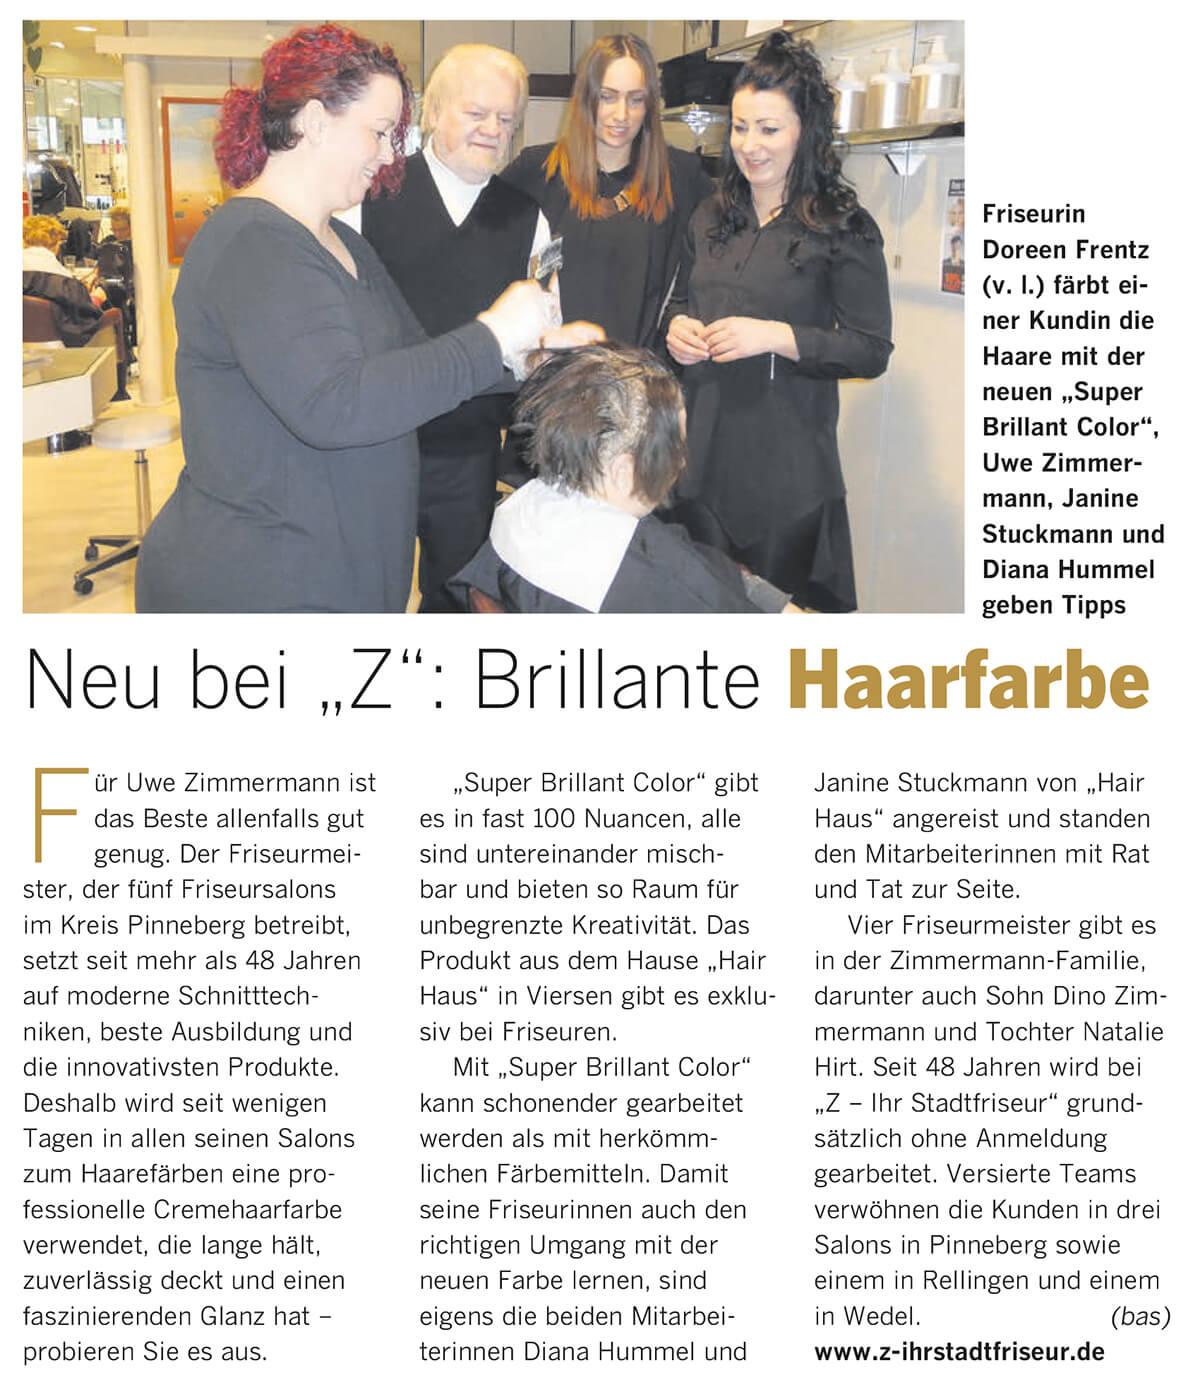 Neu Bei Z Brillante Haarfarbe Ihr Stadtfriseur Uwe Zimmermann